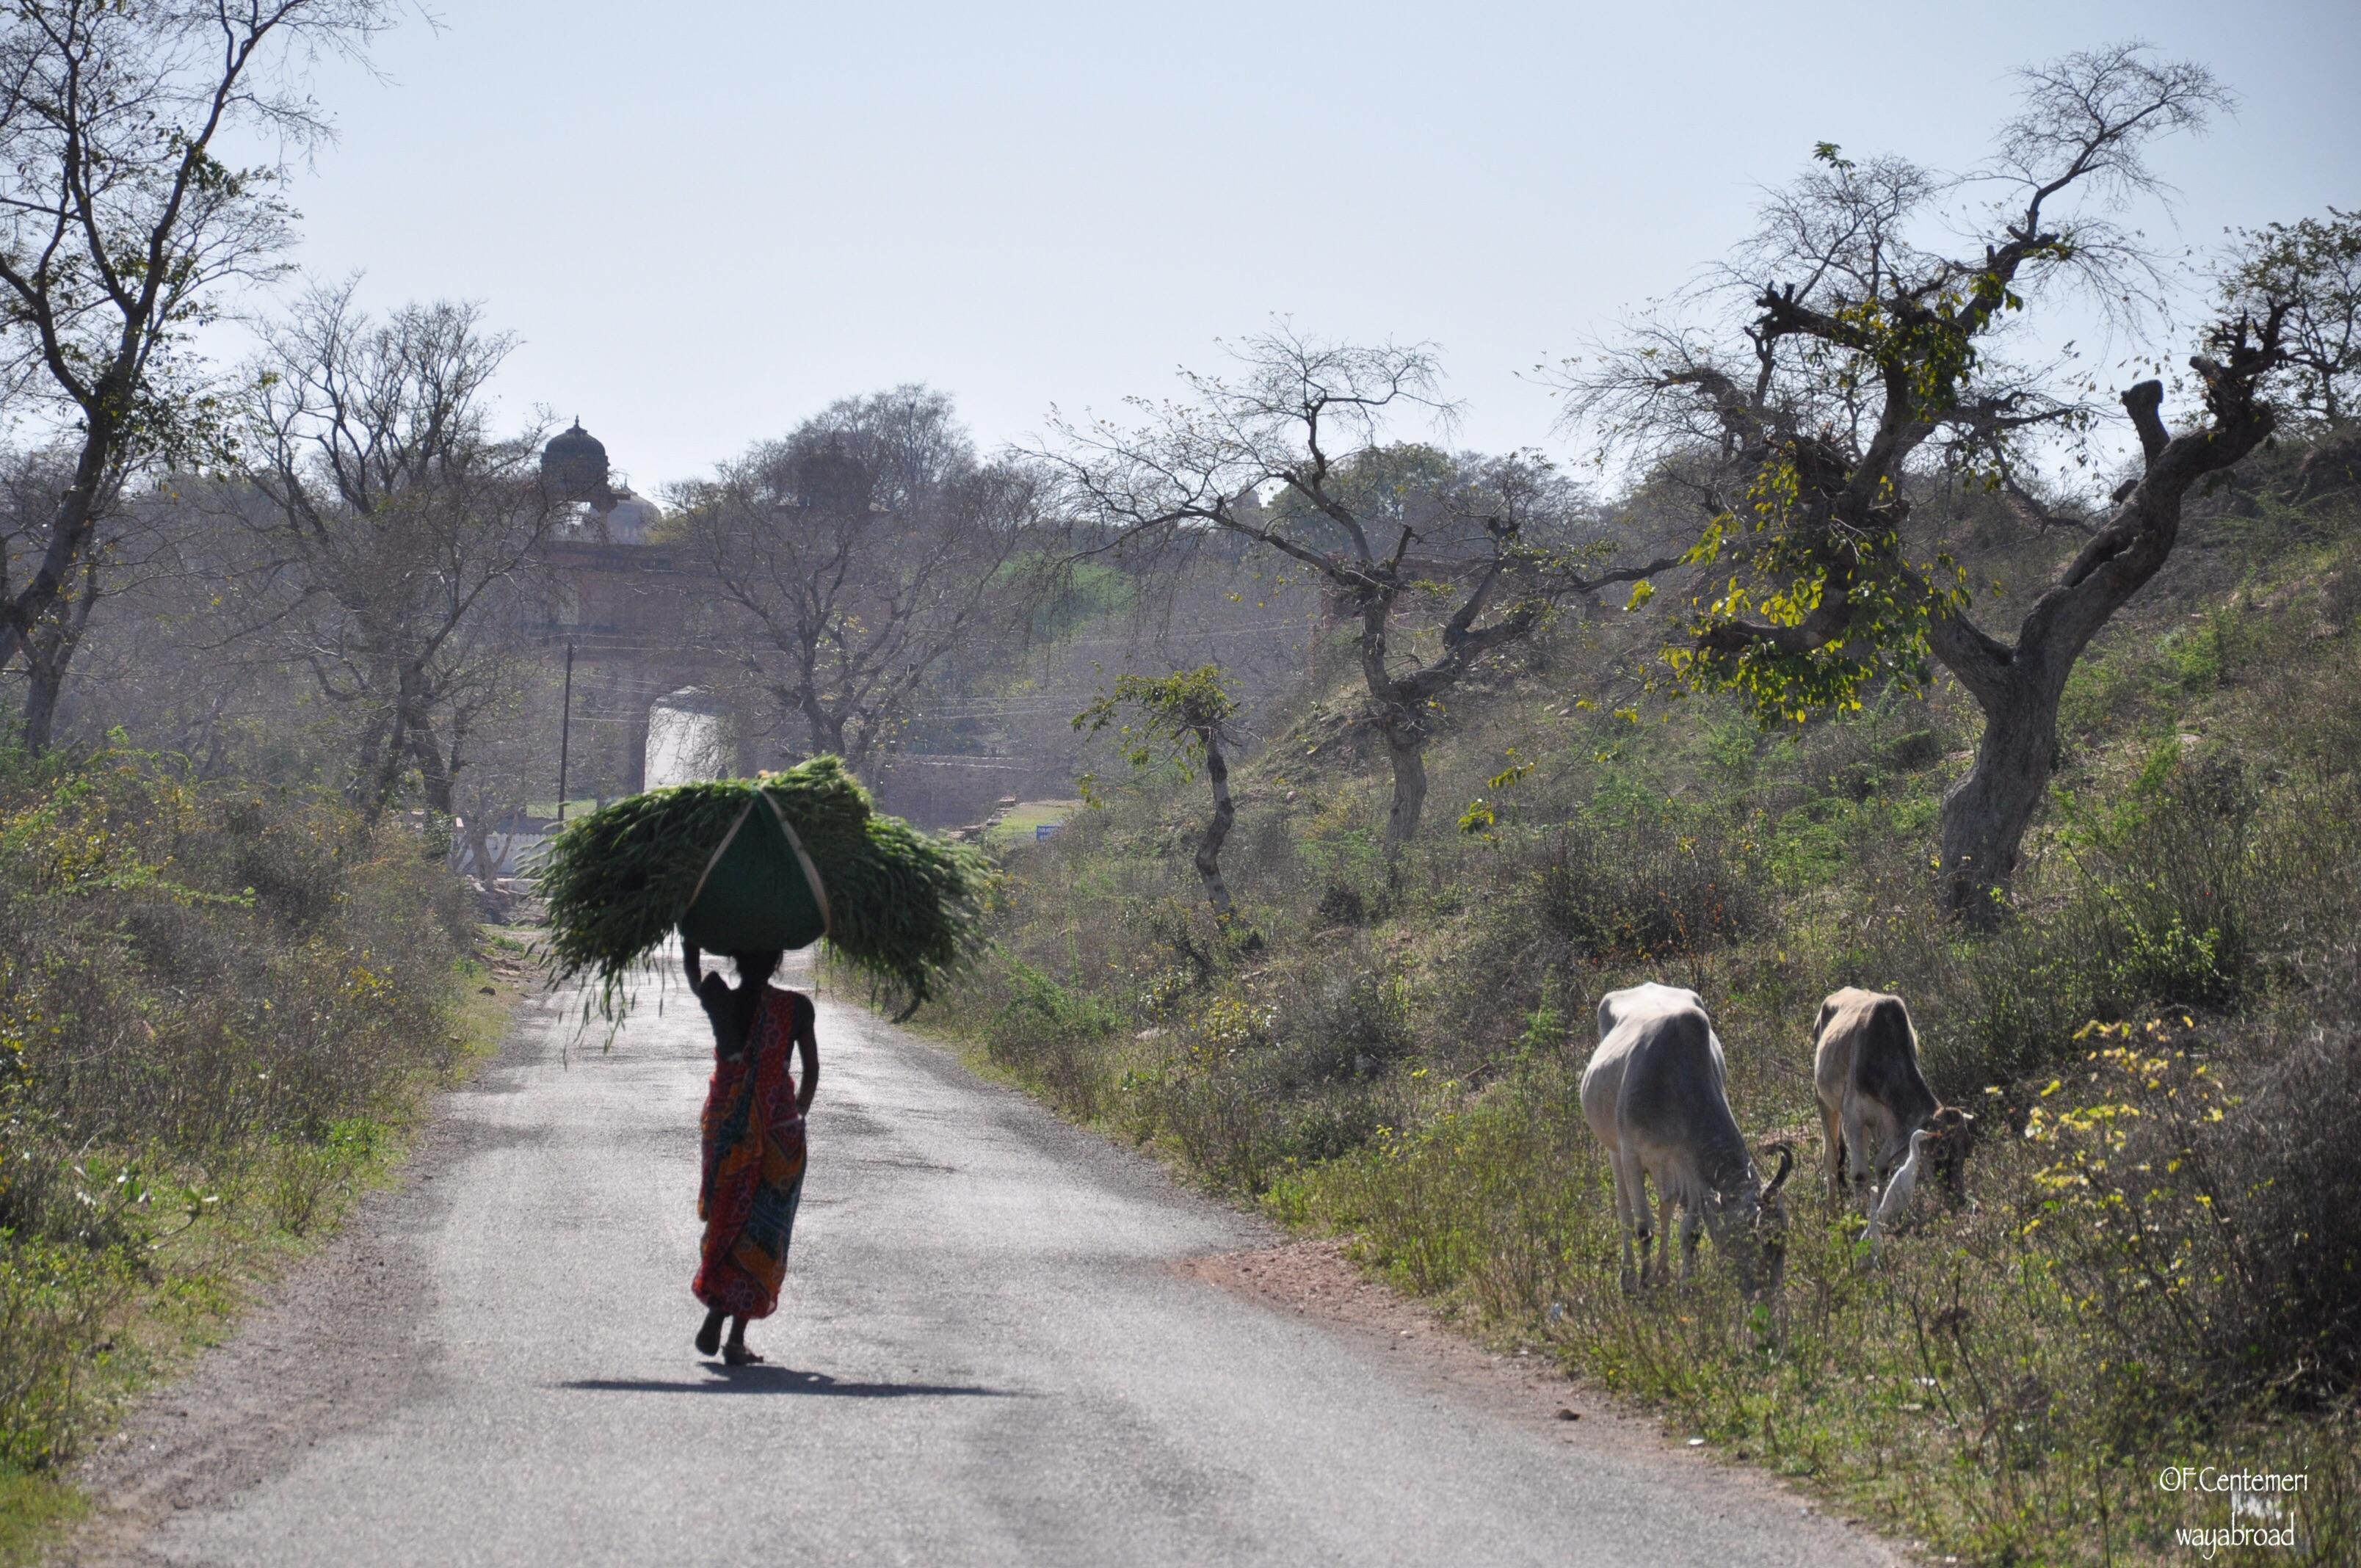 L'essenza del Rajasthan, terra dei maharaja